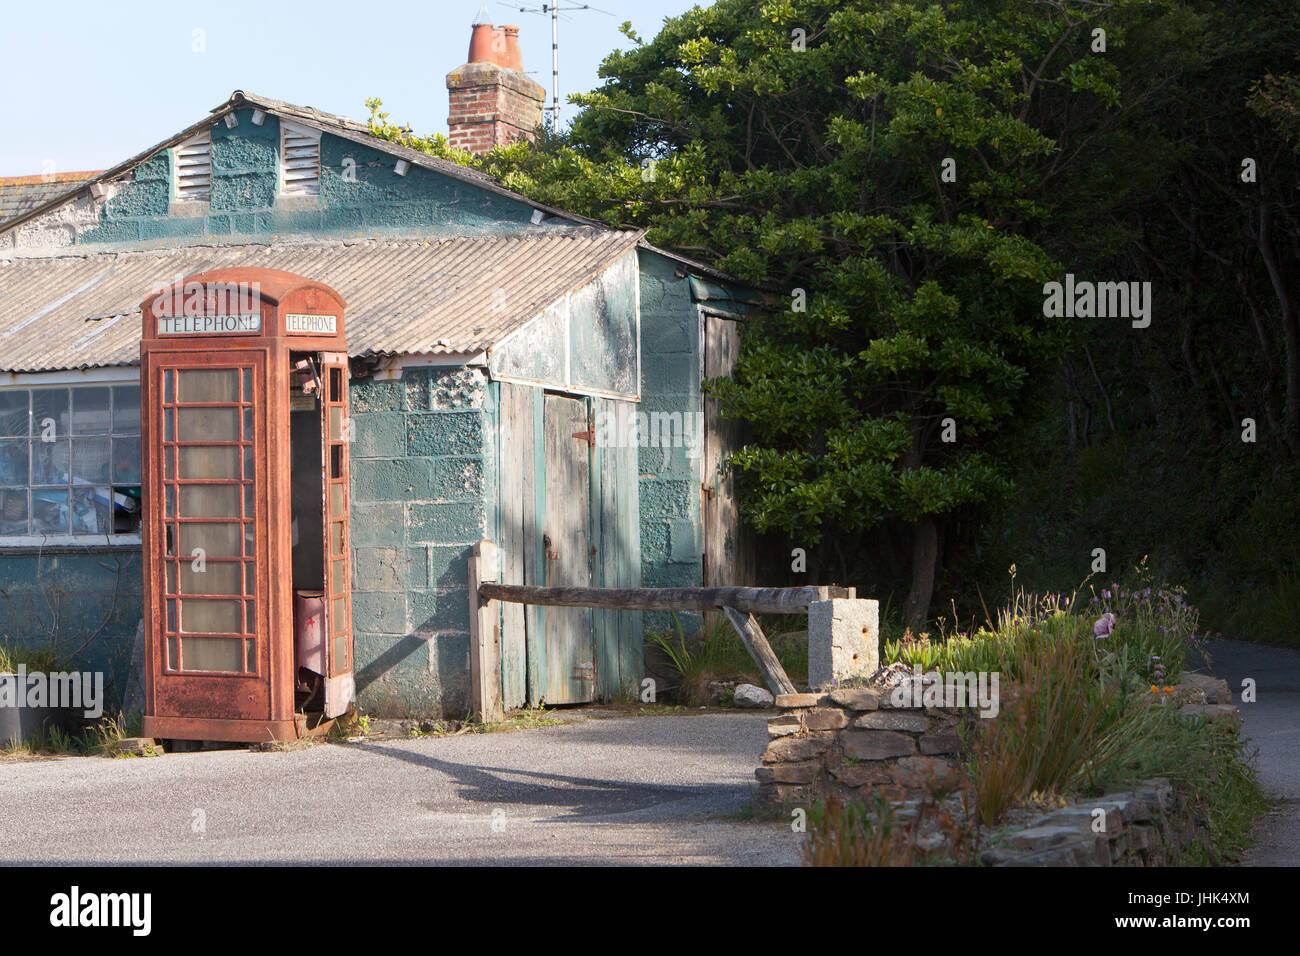 Une vieille et mal aimés abandonnés désaffectées boîte de téléphone rouge se Photo Stock